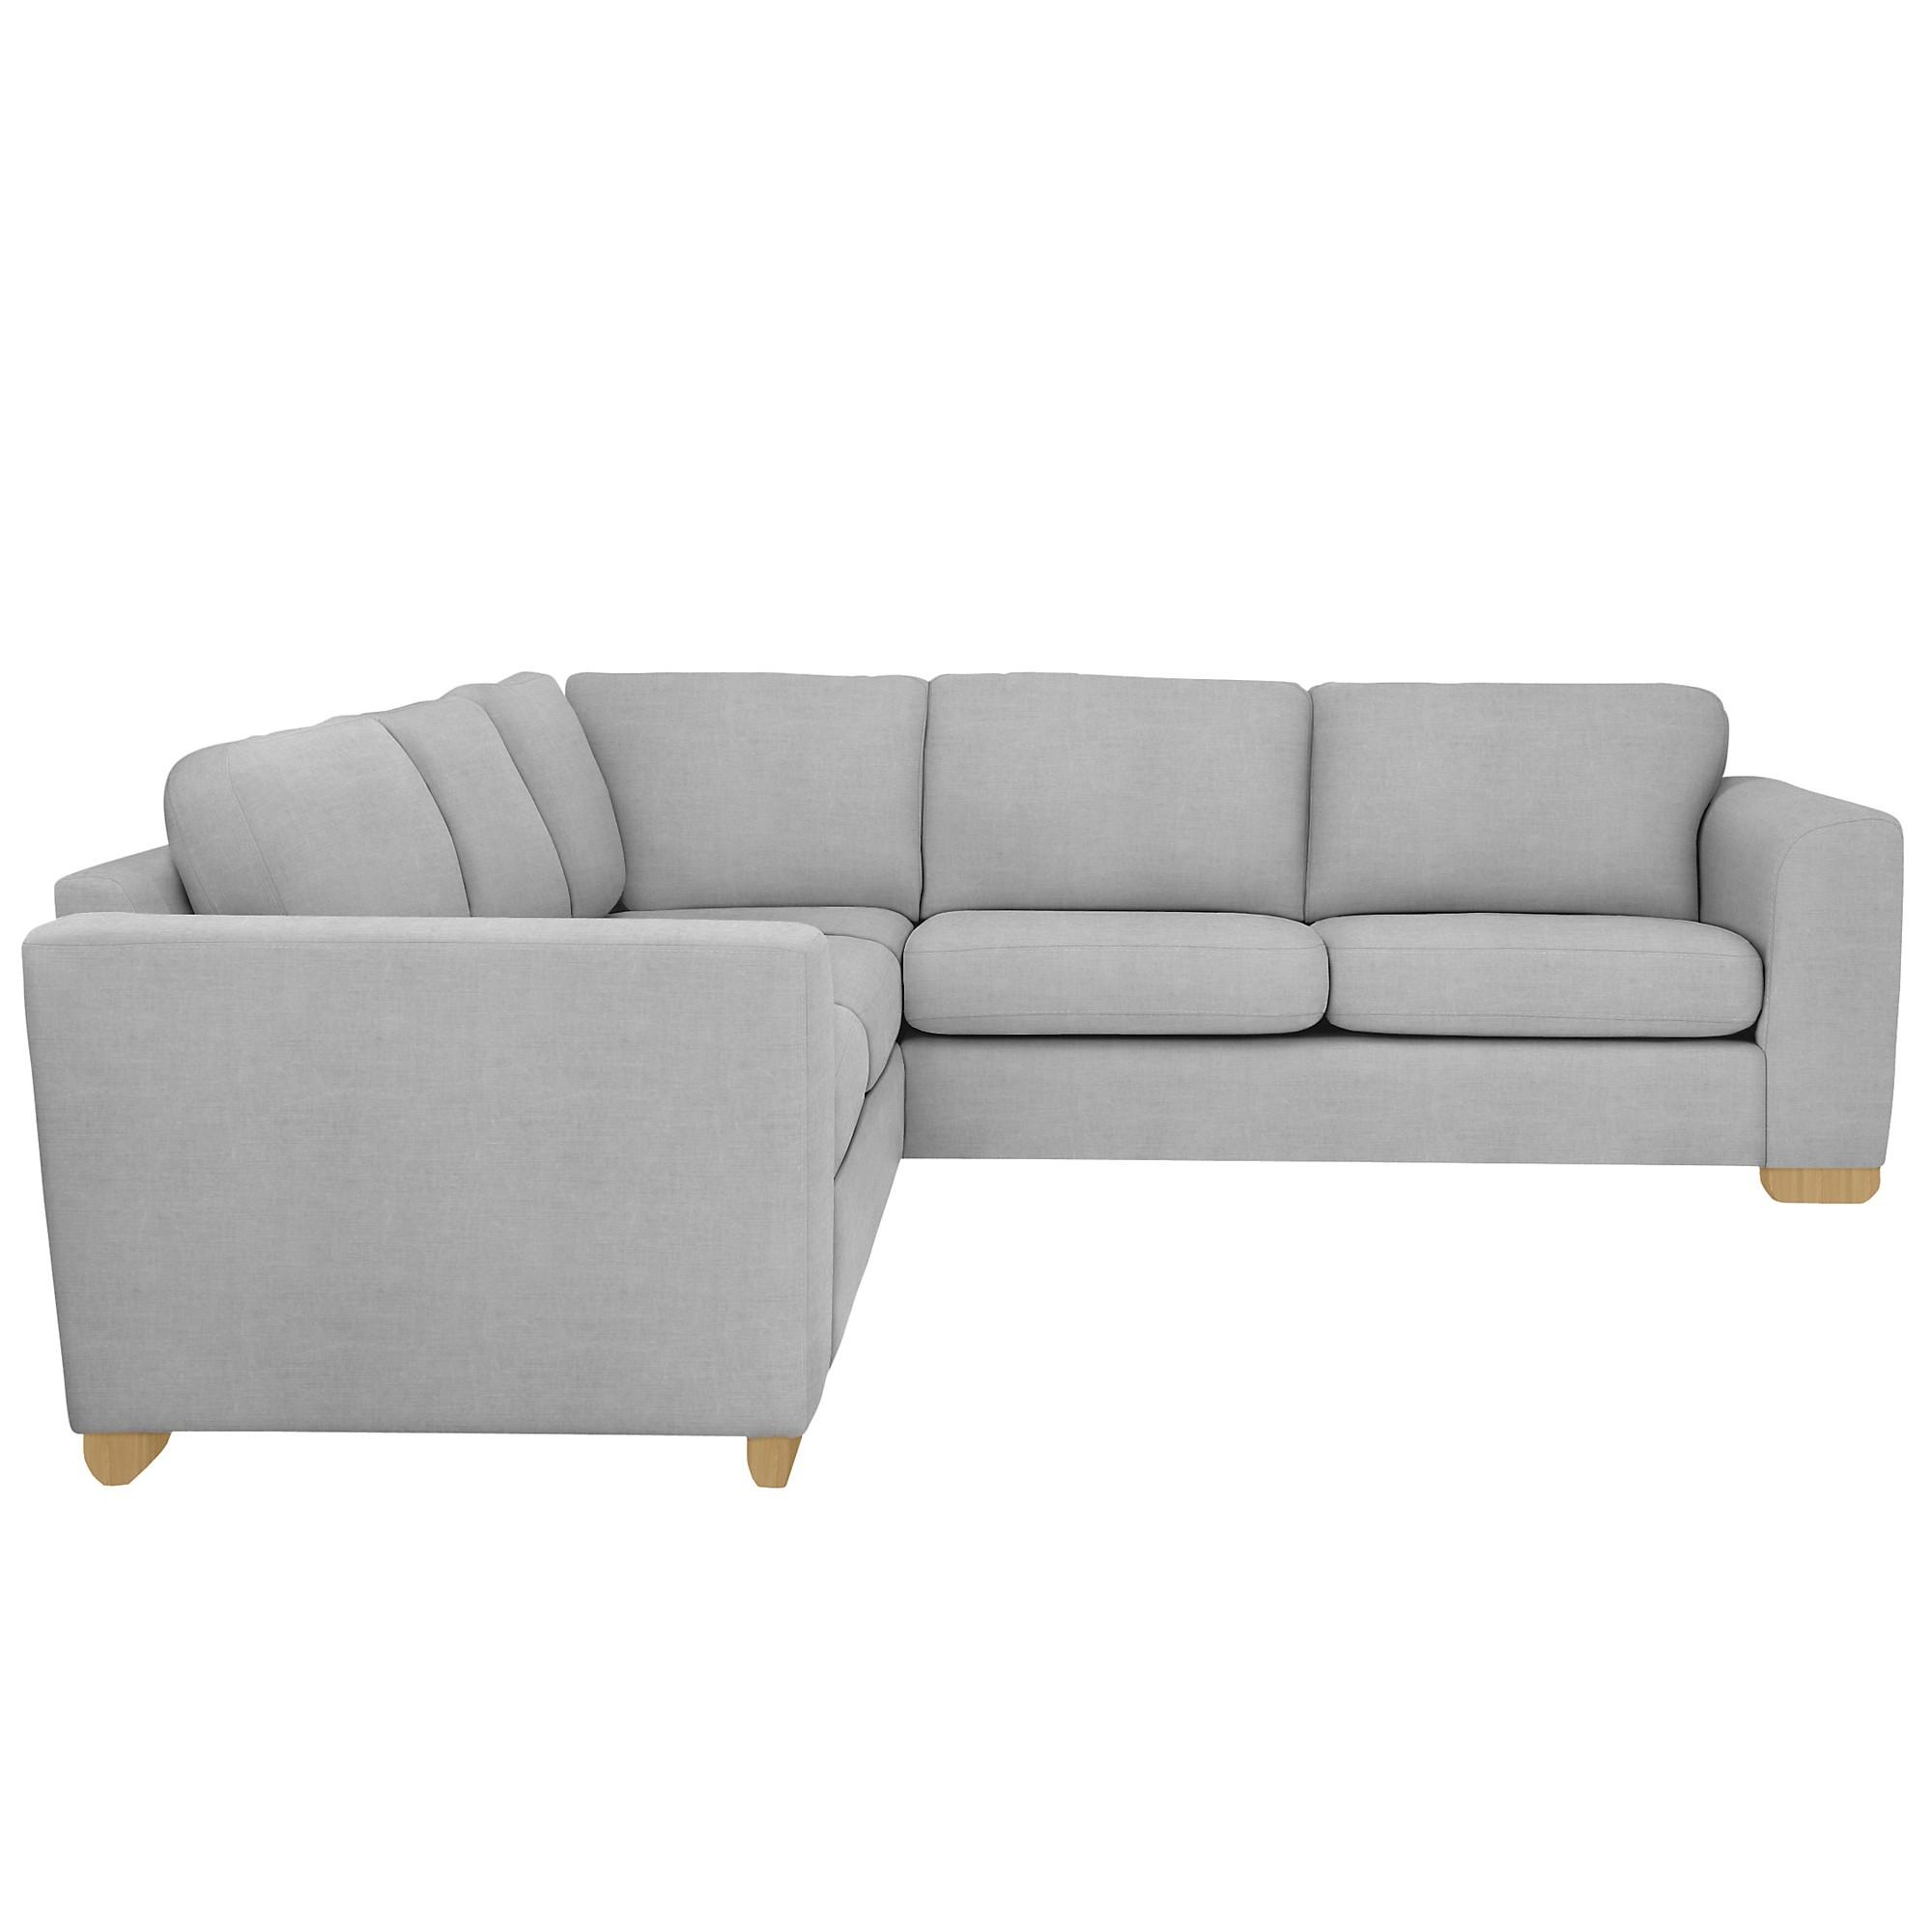 John Lewis Felix Corner Sofa